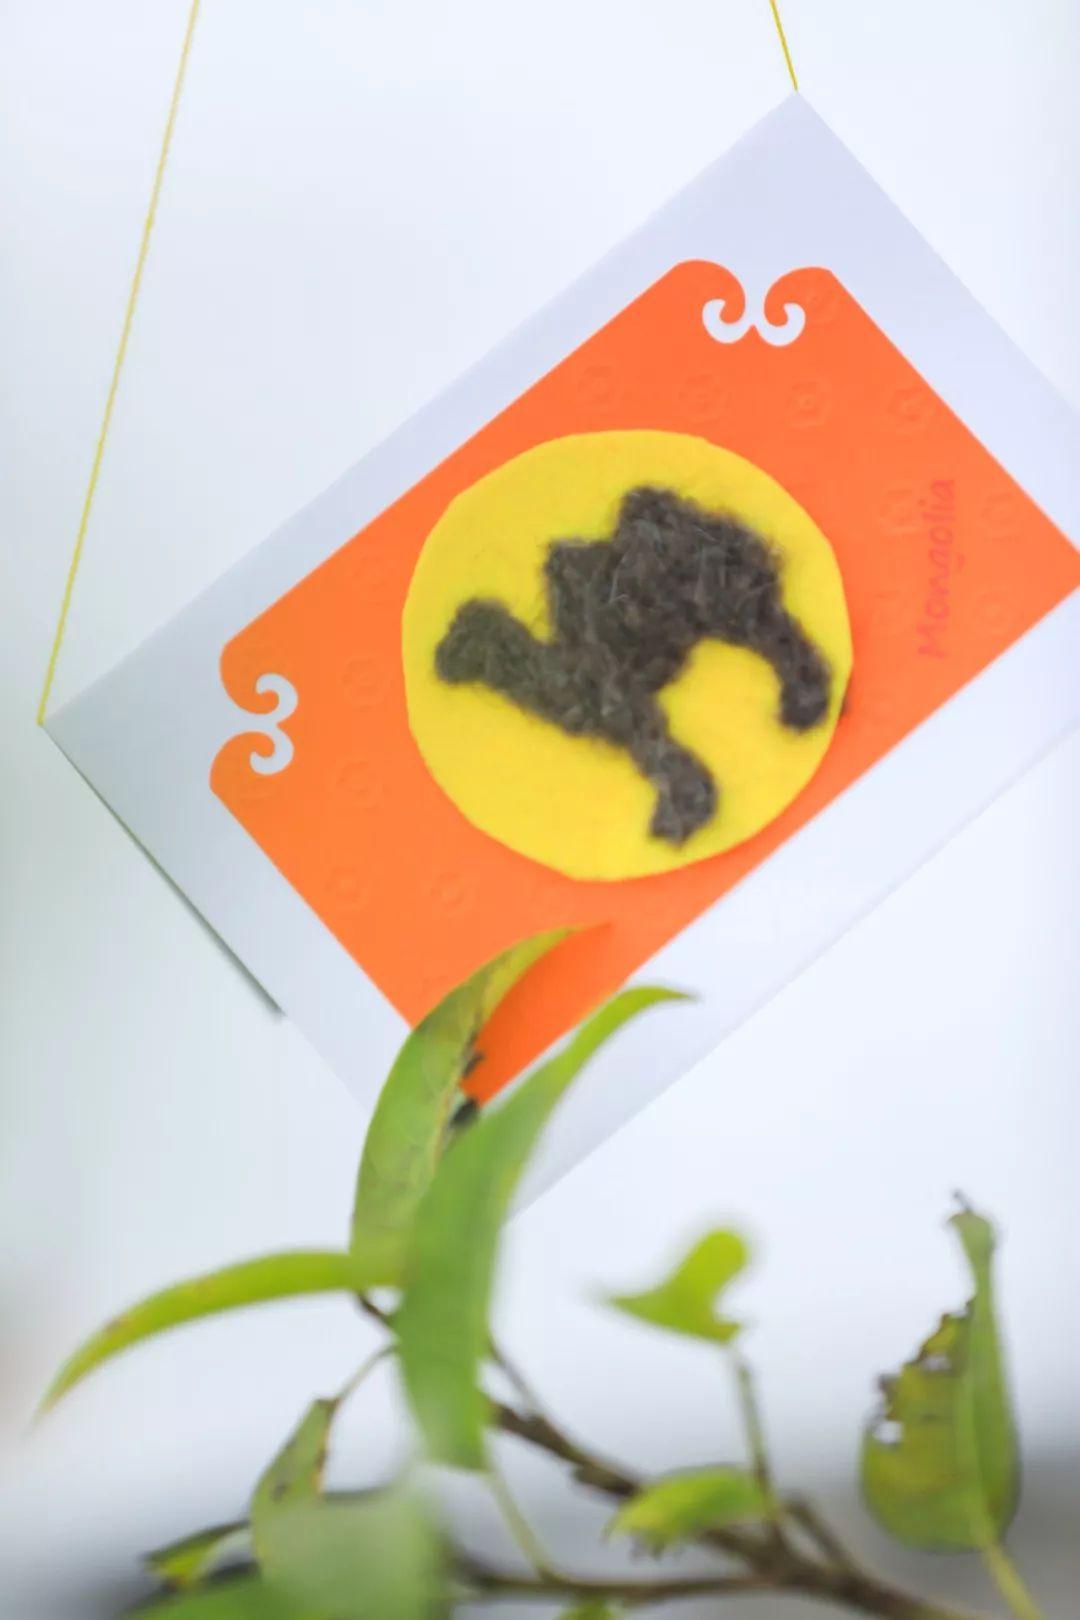 巴特尔佐力格&诺敏| 来自蒙古艺术家的一份礼物! 第11张